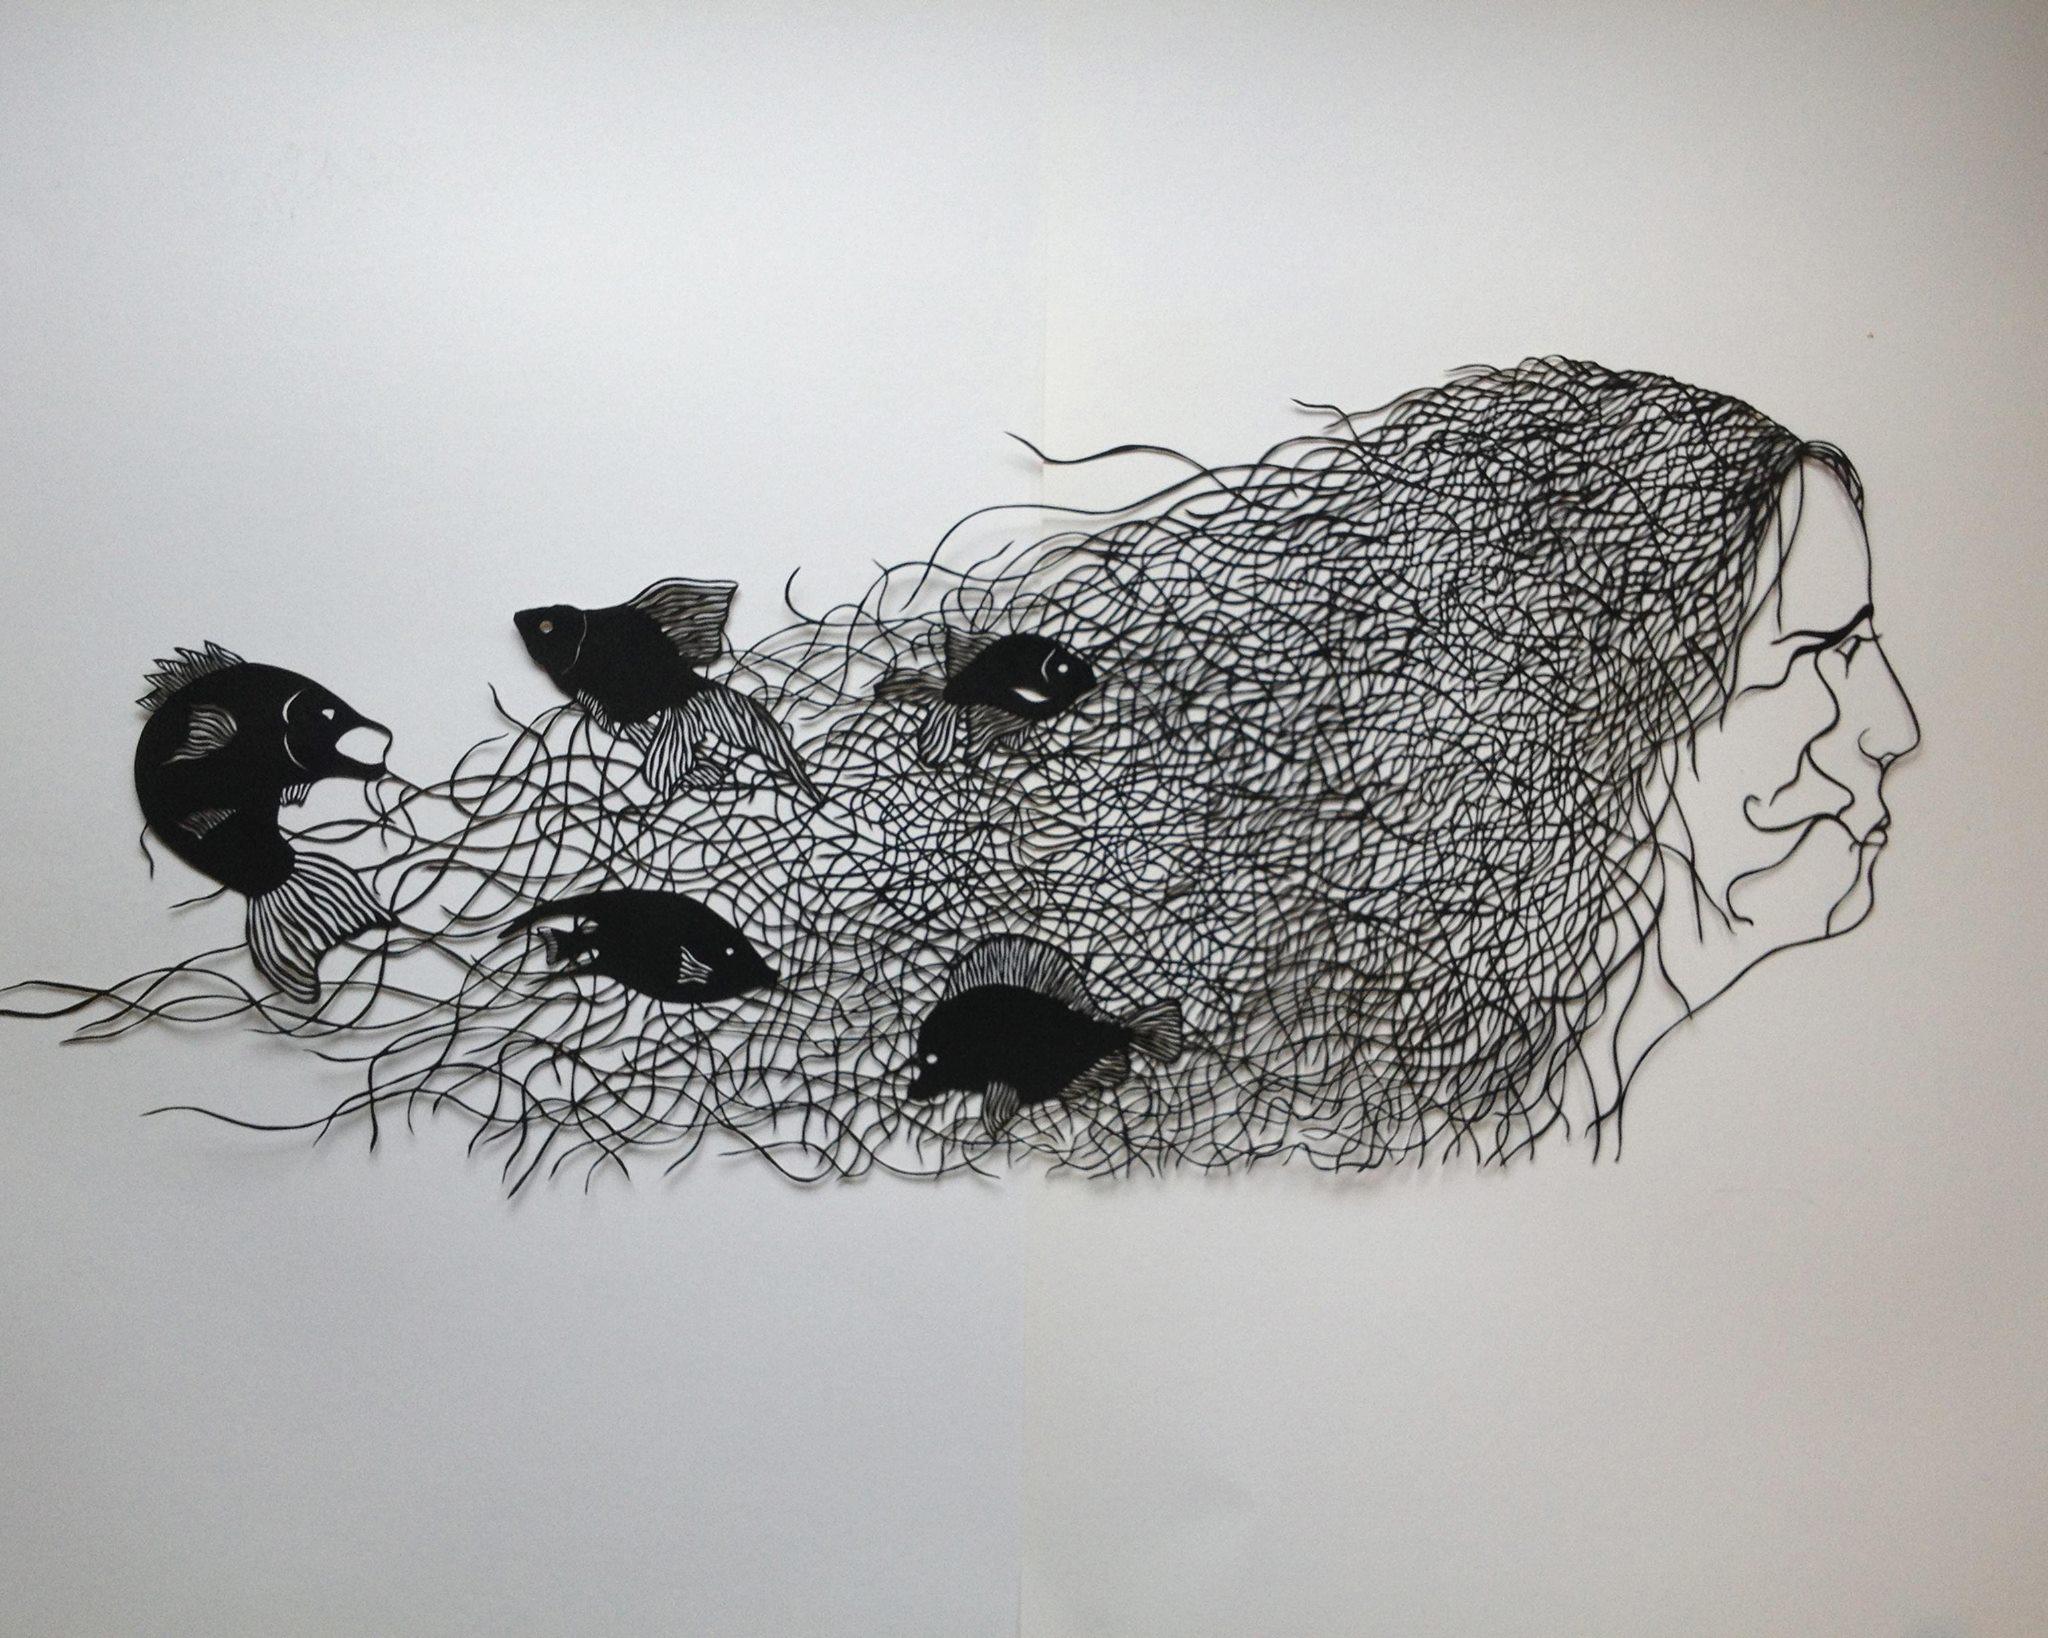 paper cut illustrations 2-2